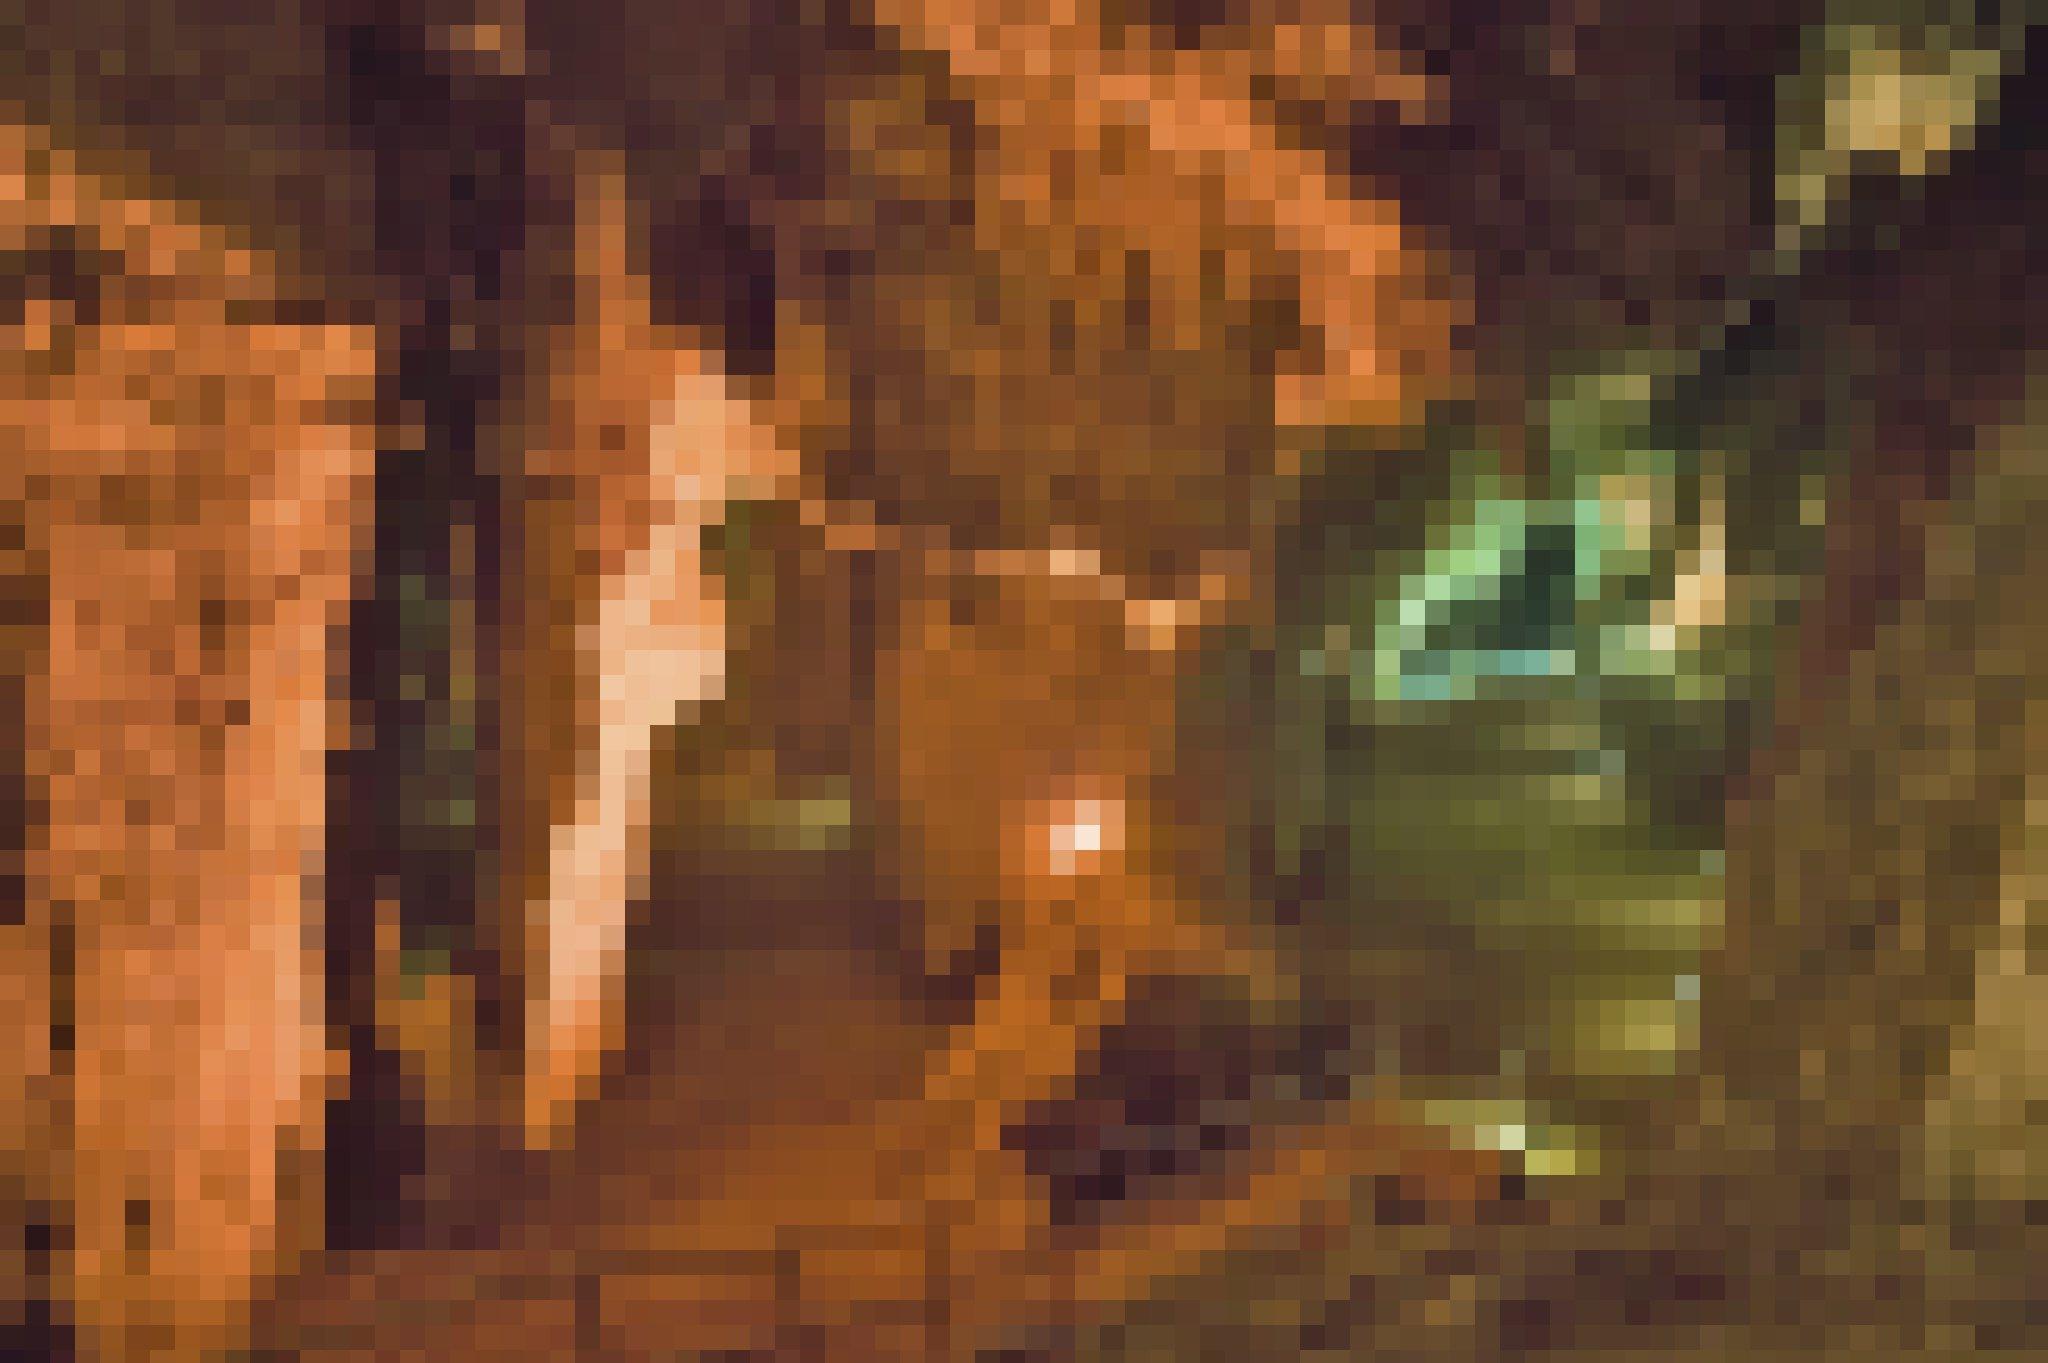 Zu sehen sind links rötlich, rechts grünlich ausgeleuchtete Höhlenwände und –gewölbe, die sich weiter hinten in zwei Gänge verzweigen. Im Vordergrund führt eine Treppe mit Geländer von oben links nach unten rechts in den rechten Gang.